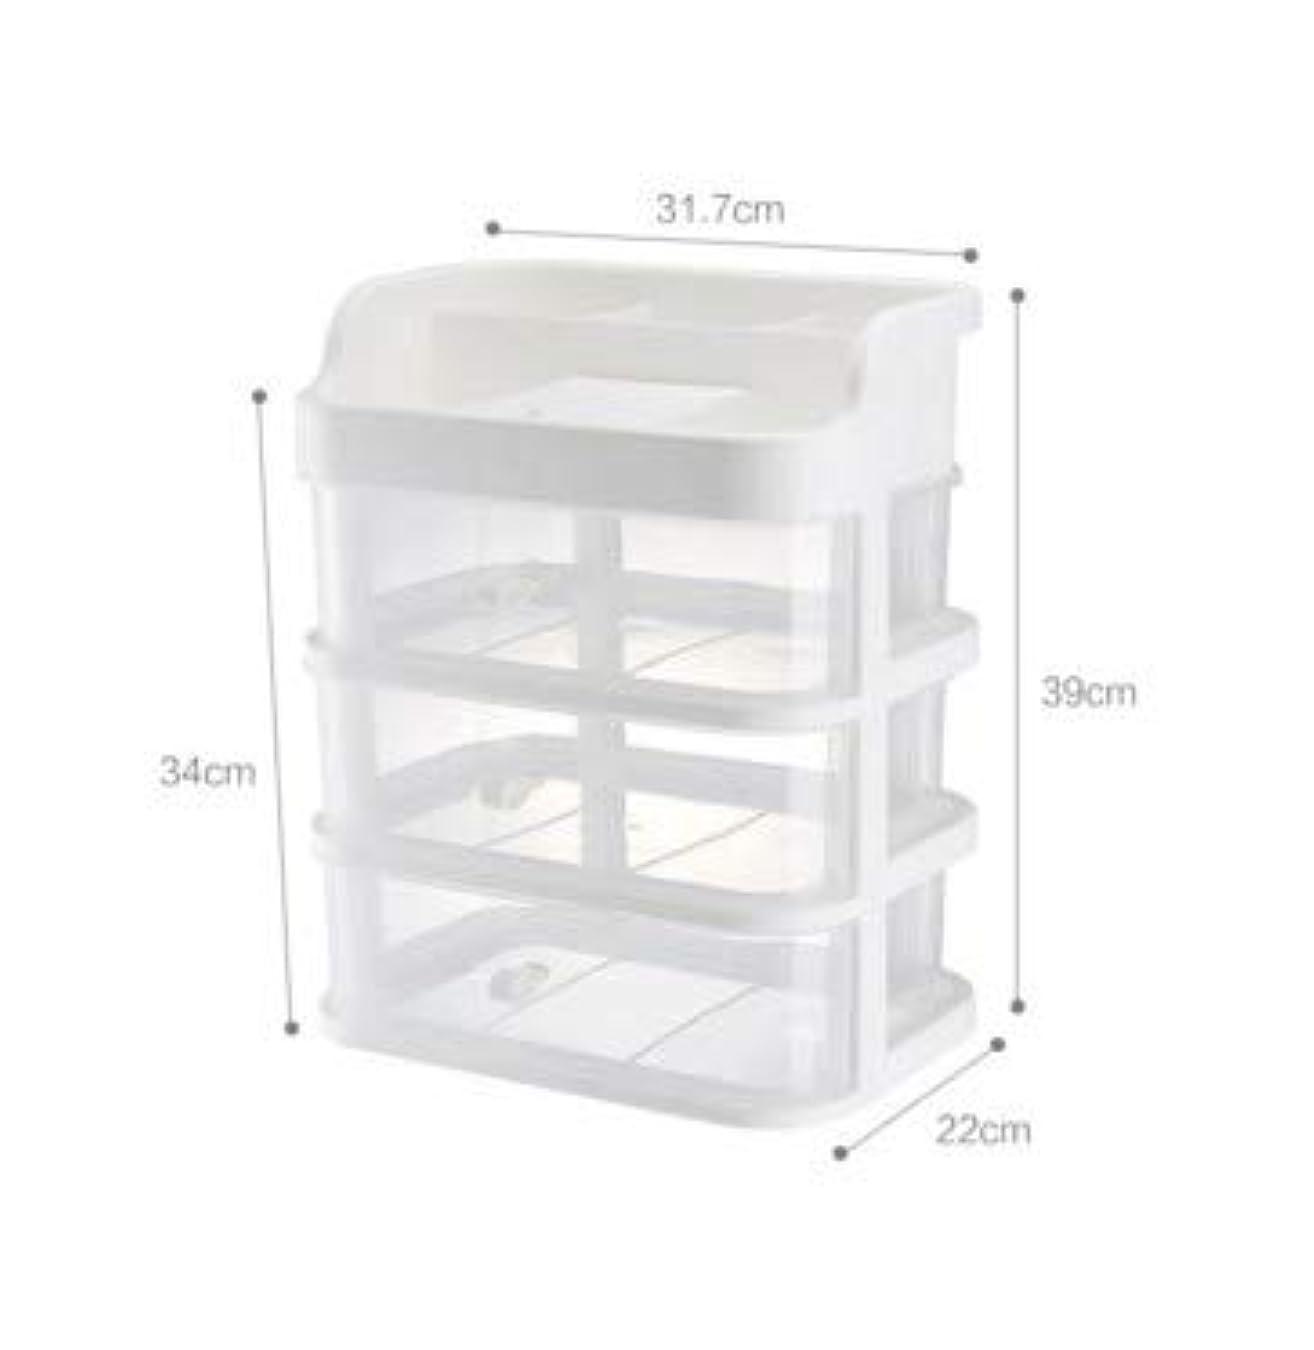 故意にトラップサワーミラー付きプリンセス化粧品収納ボックス多層収納ラックスキンケアデスクトップ収納ジュエリー統合収納ボックス (Size : L)